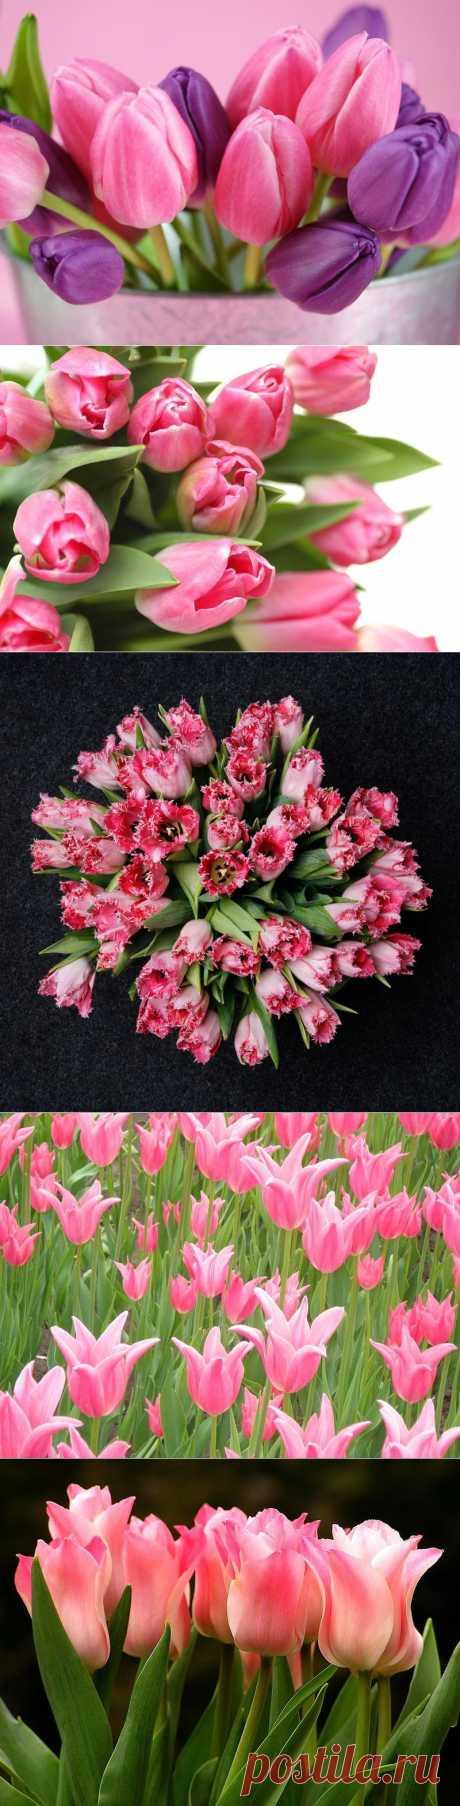 Розовые тюльпаны | Удивительное и смешное в картинках